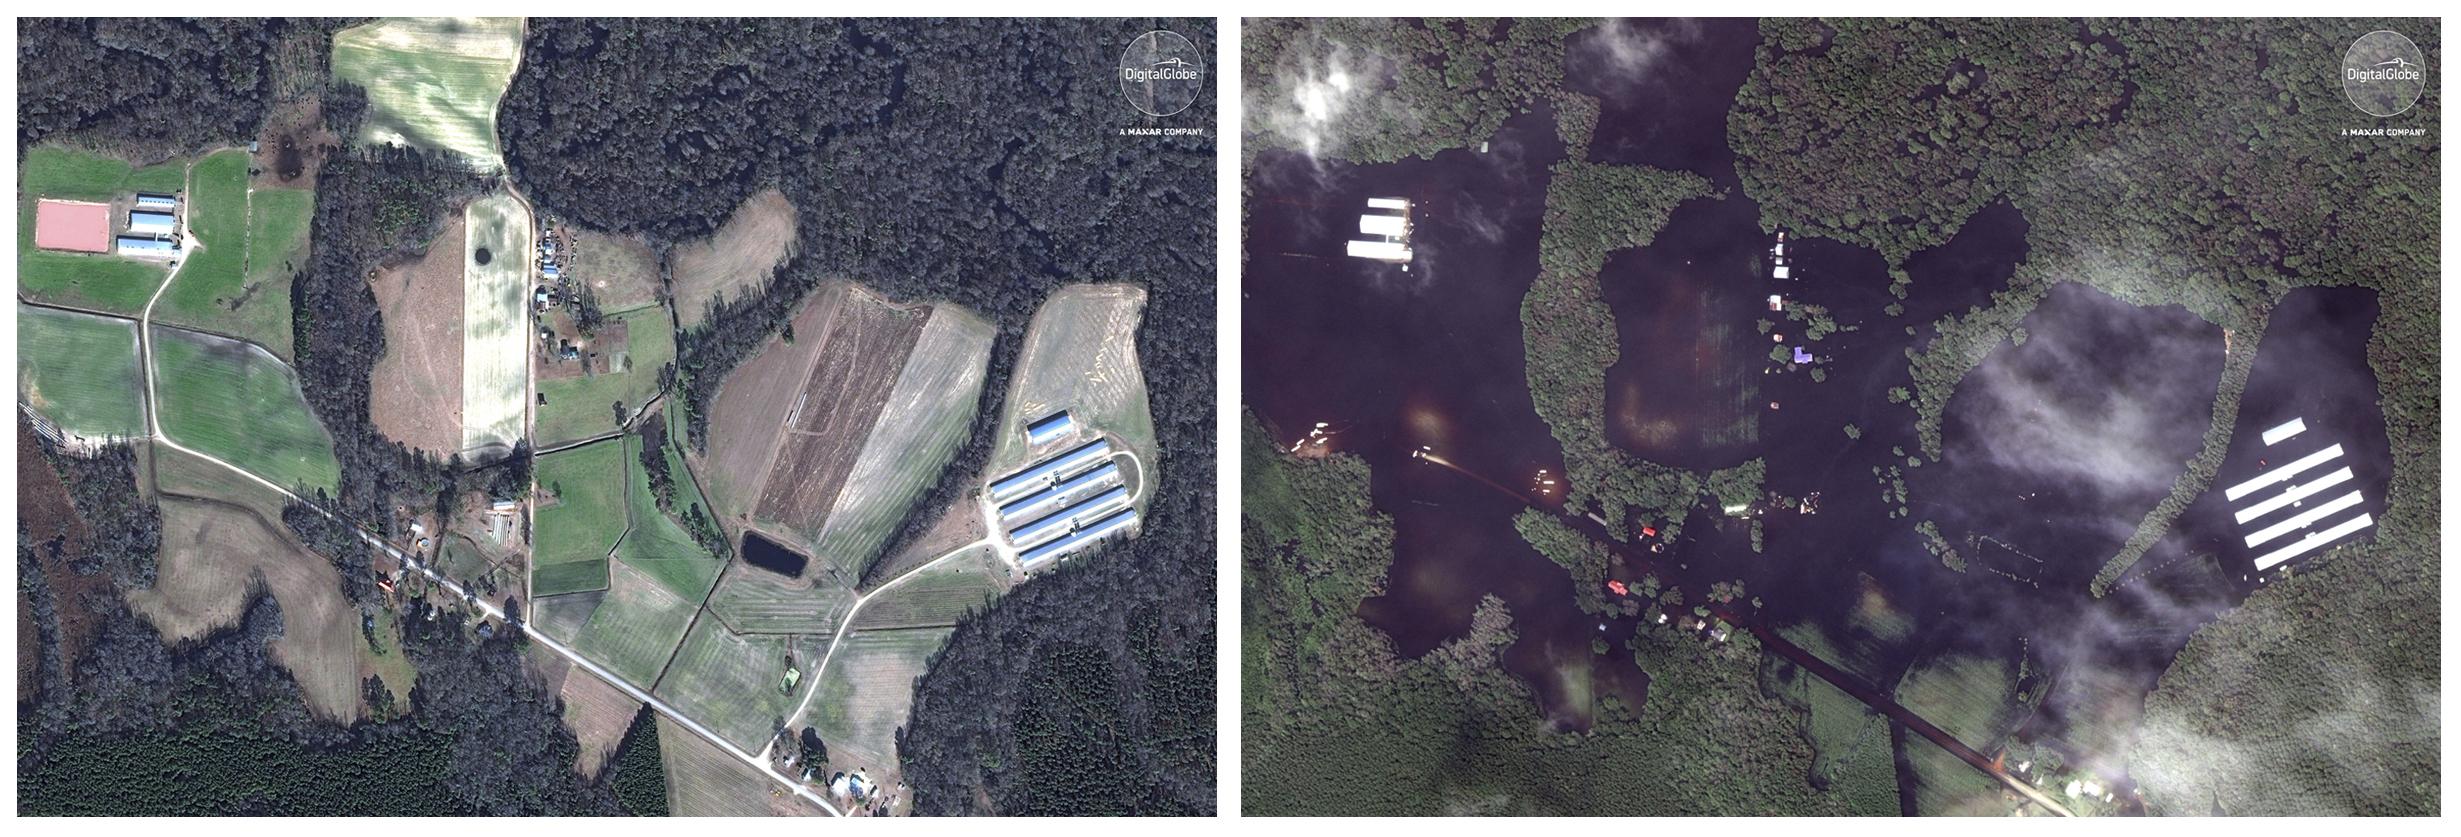 Esta combinación de imágenes satelitales muestra una granja el 13 de enero de 2017, a la izquierda, y después, a la derecha, cuando ya había pasado el huracán Florence en la zona, el 17 de septiembre, cerca de Trenton, Carolina del Norte. (DigitalGlobe, una compañía de Maxar vía AP)